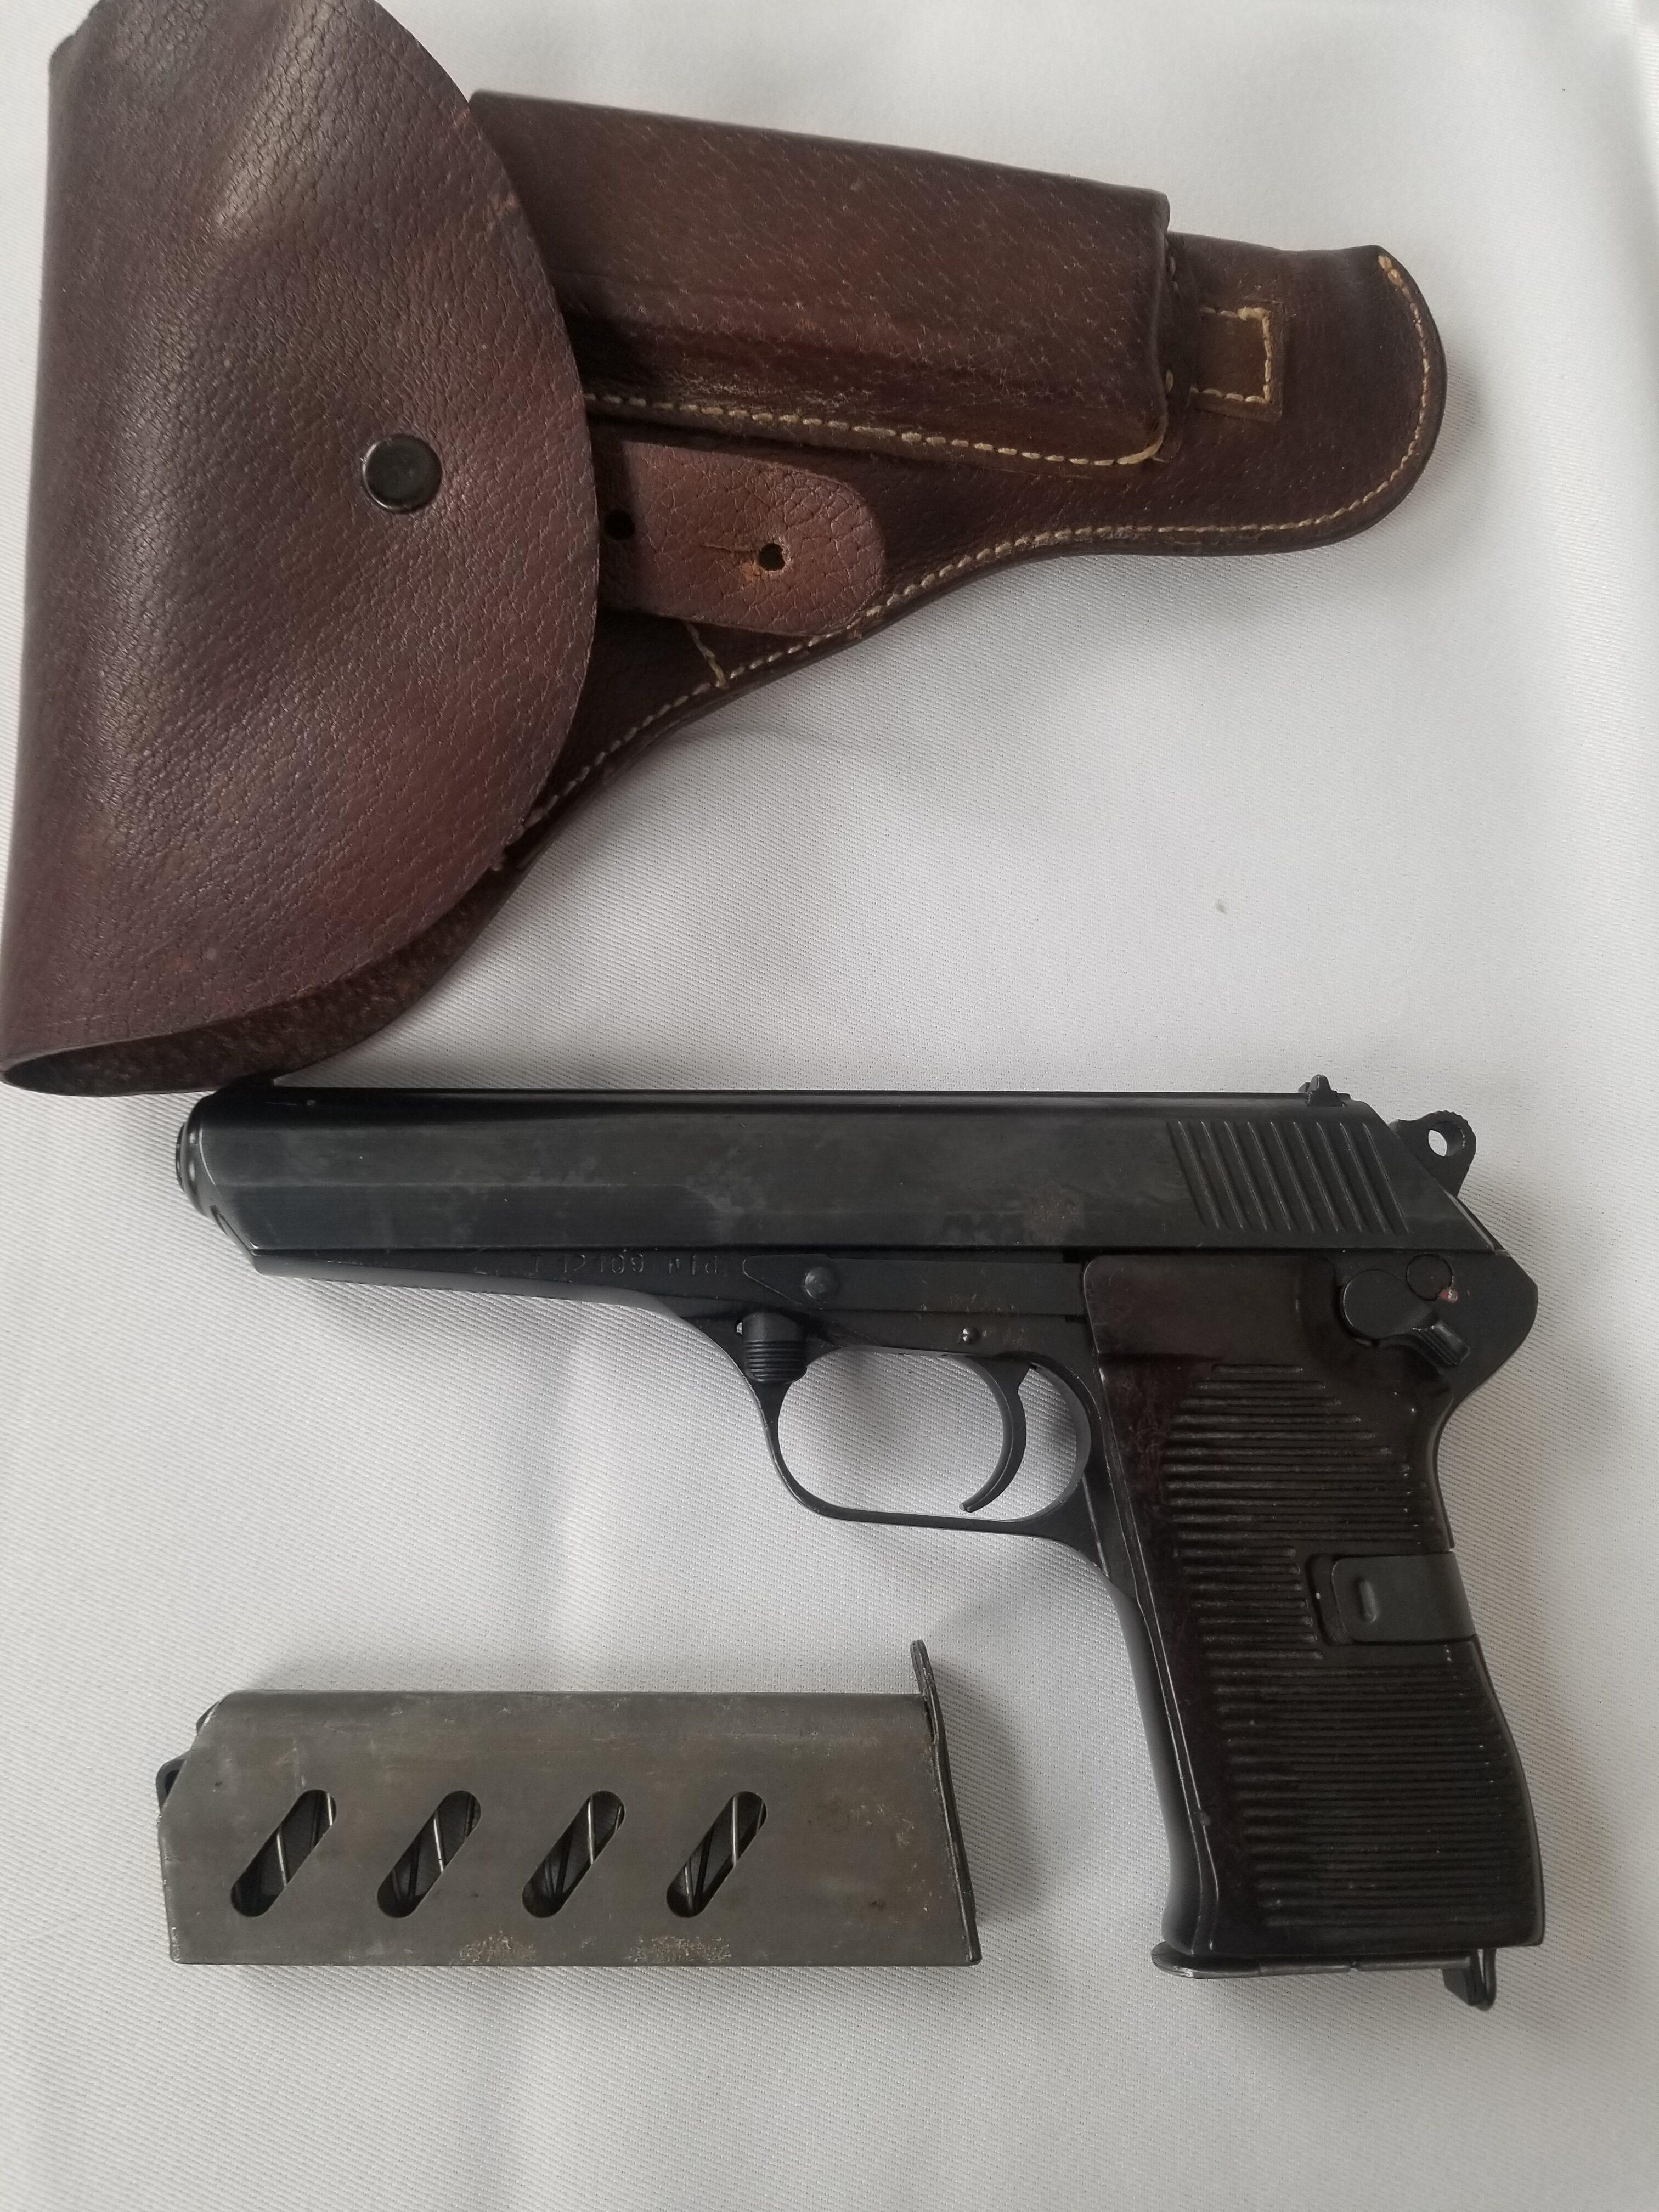 CZ 52 7.62 x 25mm Semi-Auto Pistol